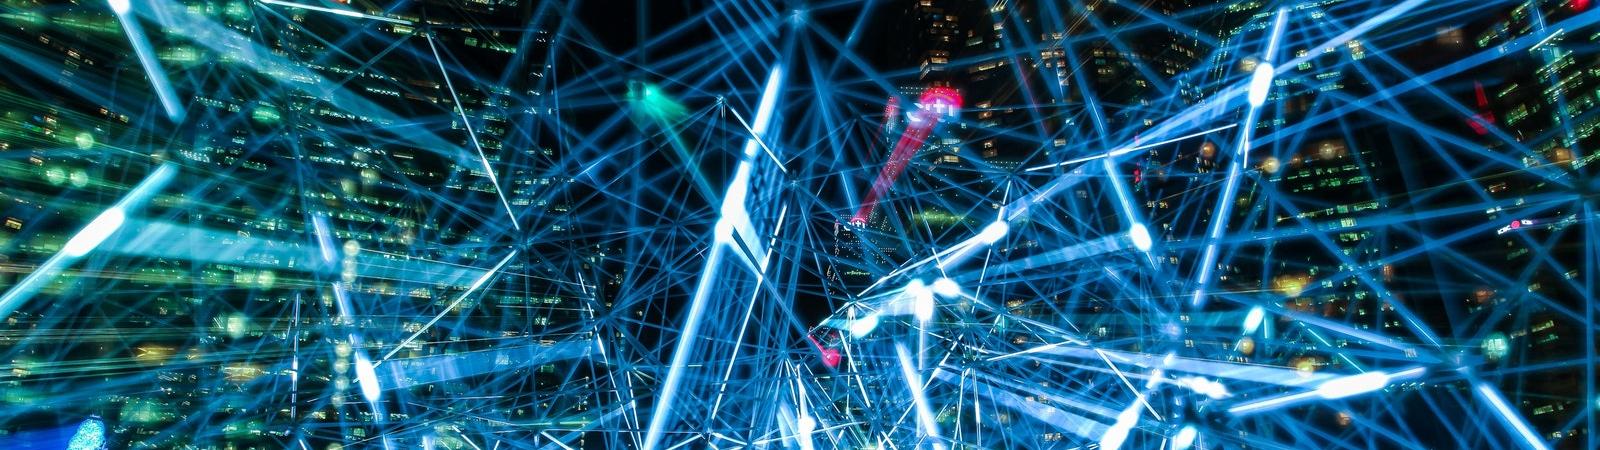 Hallo, hier kommt die Zukunft - Machine Learning in MES-Software und Produktionssteuerung!